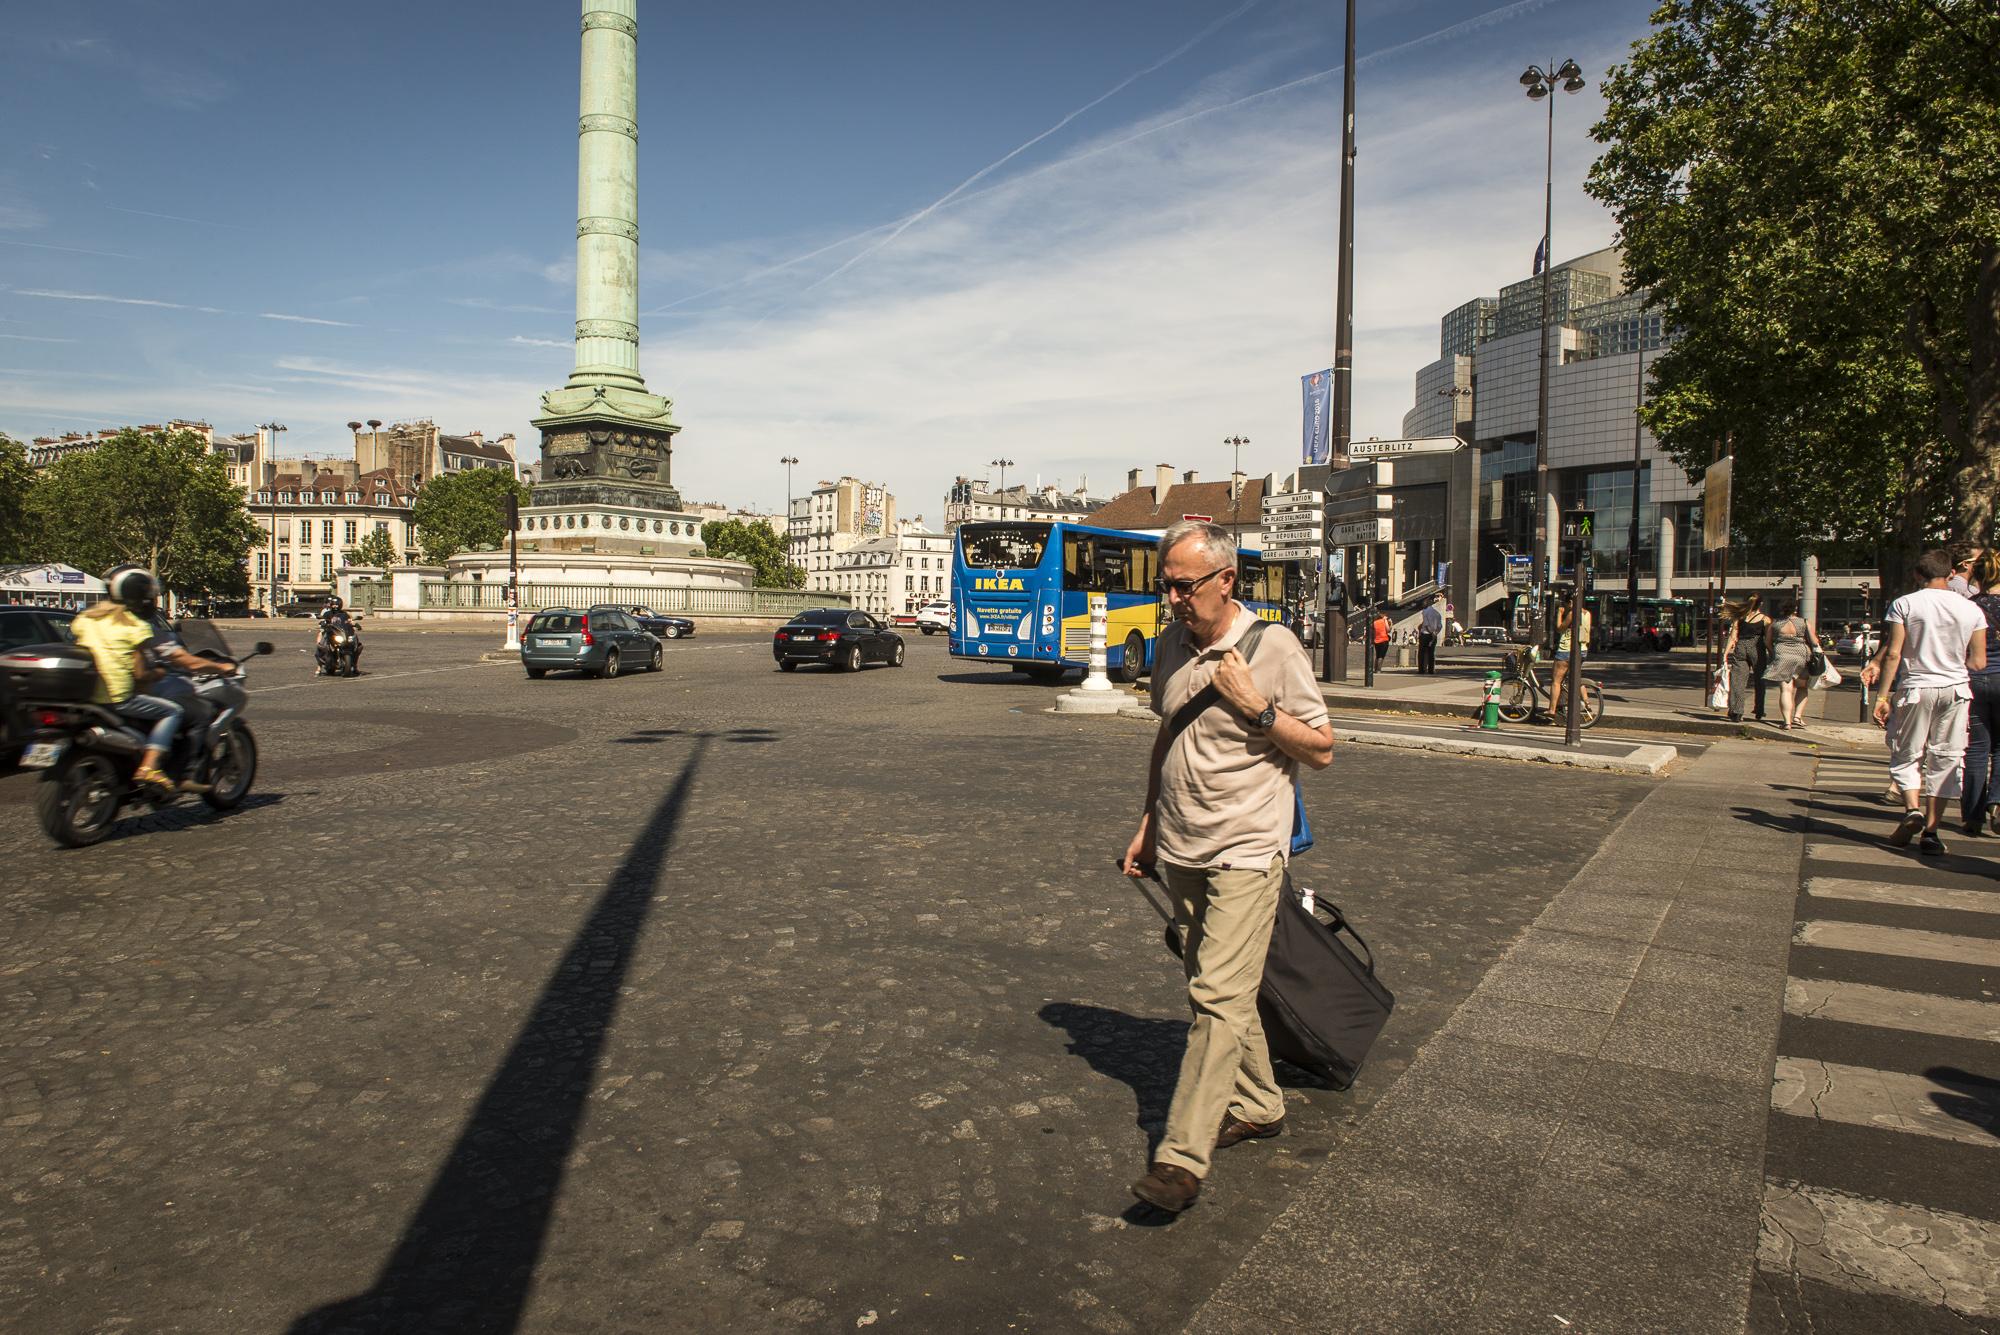 Place de la Bastille  PHOTOGRAPHY: ALEXANDER J.E. BRADLEY • NIKON D610 • AF-S NIKKOR 24-70mm f/2.8G ED @ 24mm • F/16 • 1/160 • ISO 100